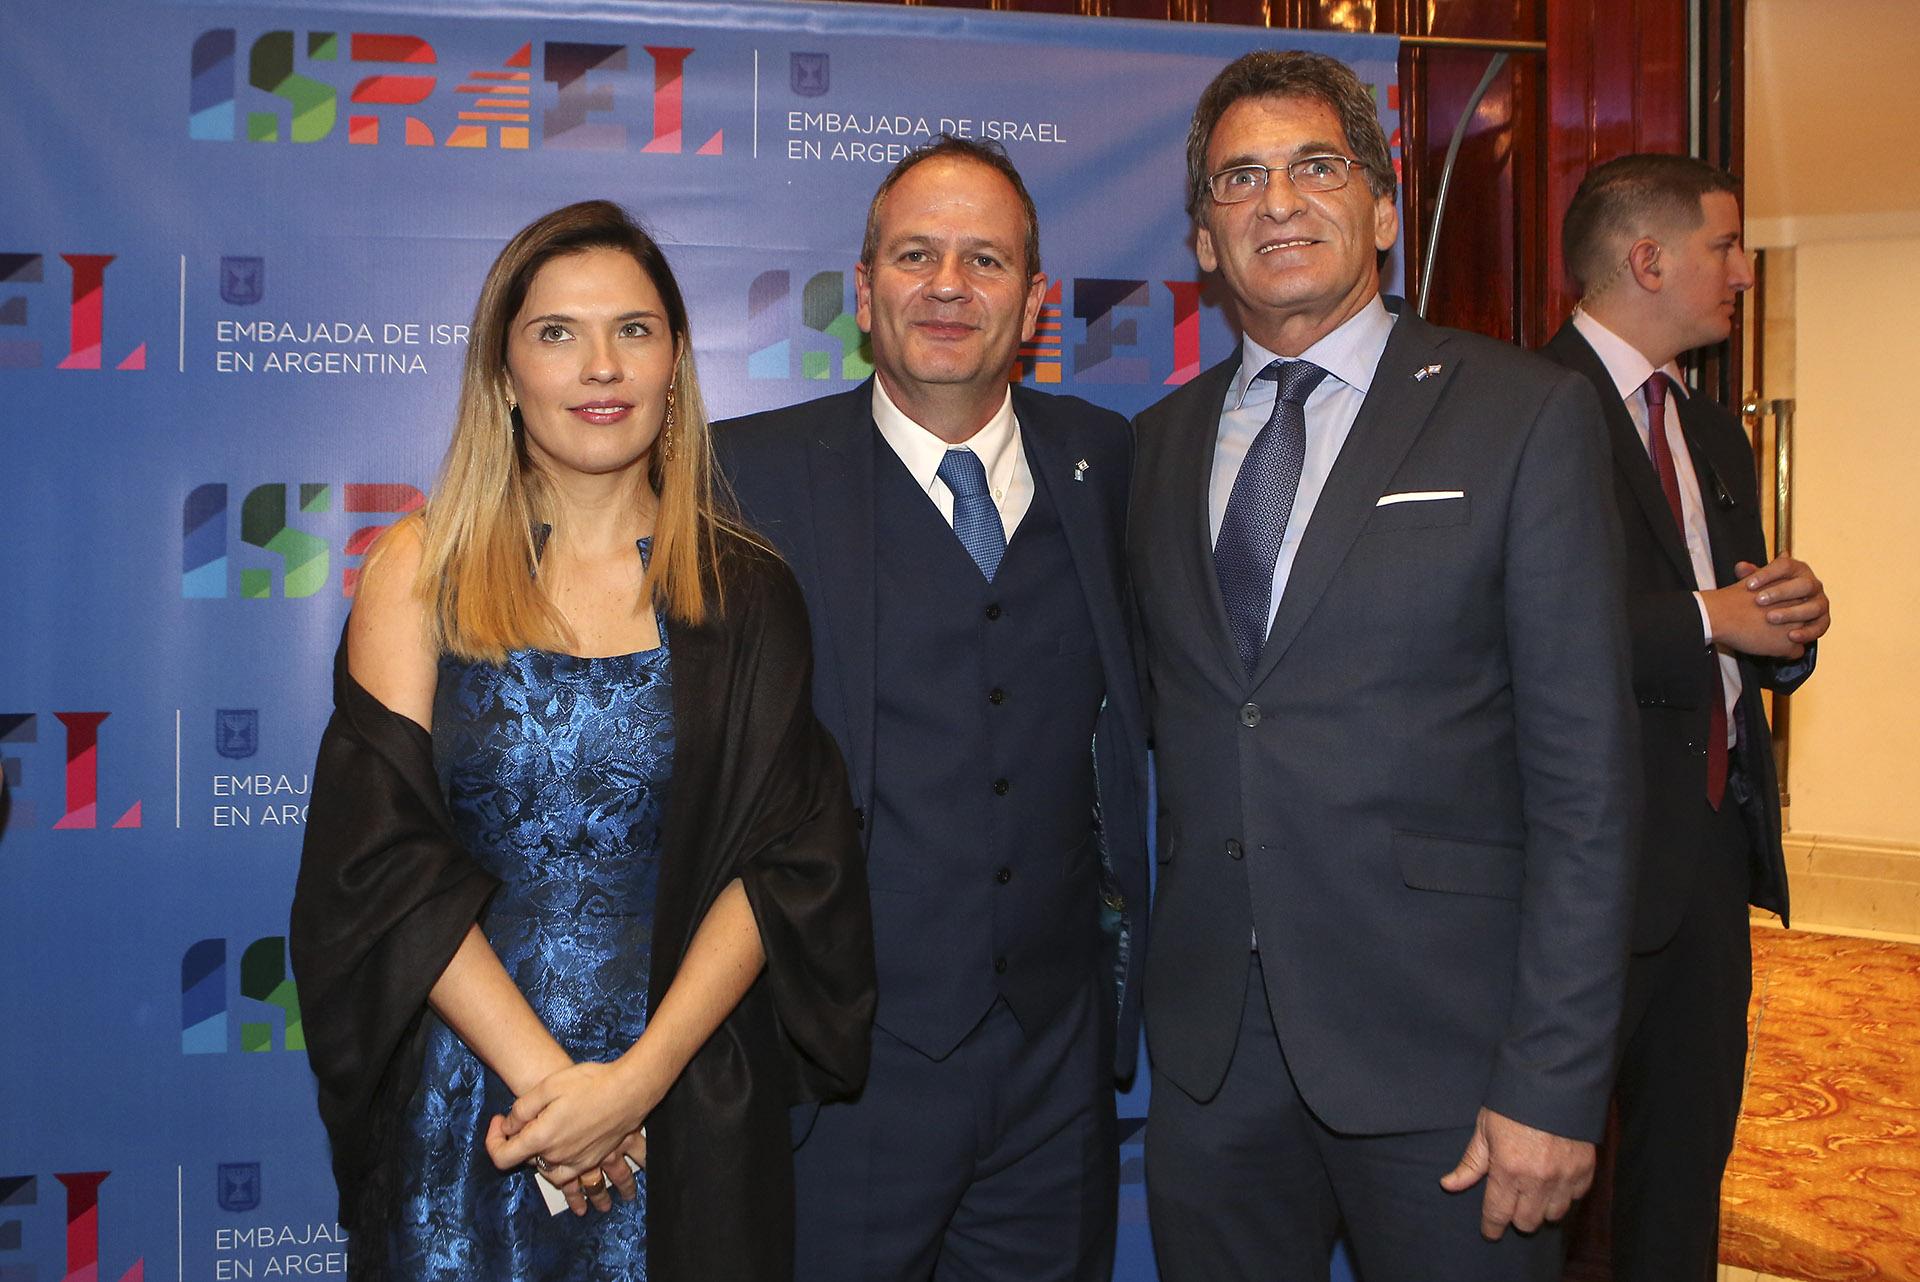 El embajador y su esposa reciben a Claudio Avruj, secretario de Derechos Humanos y Pluralismo Cultural